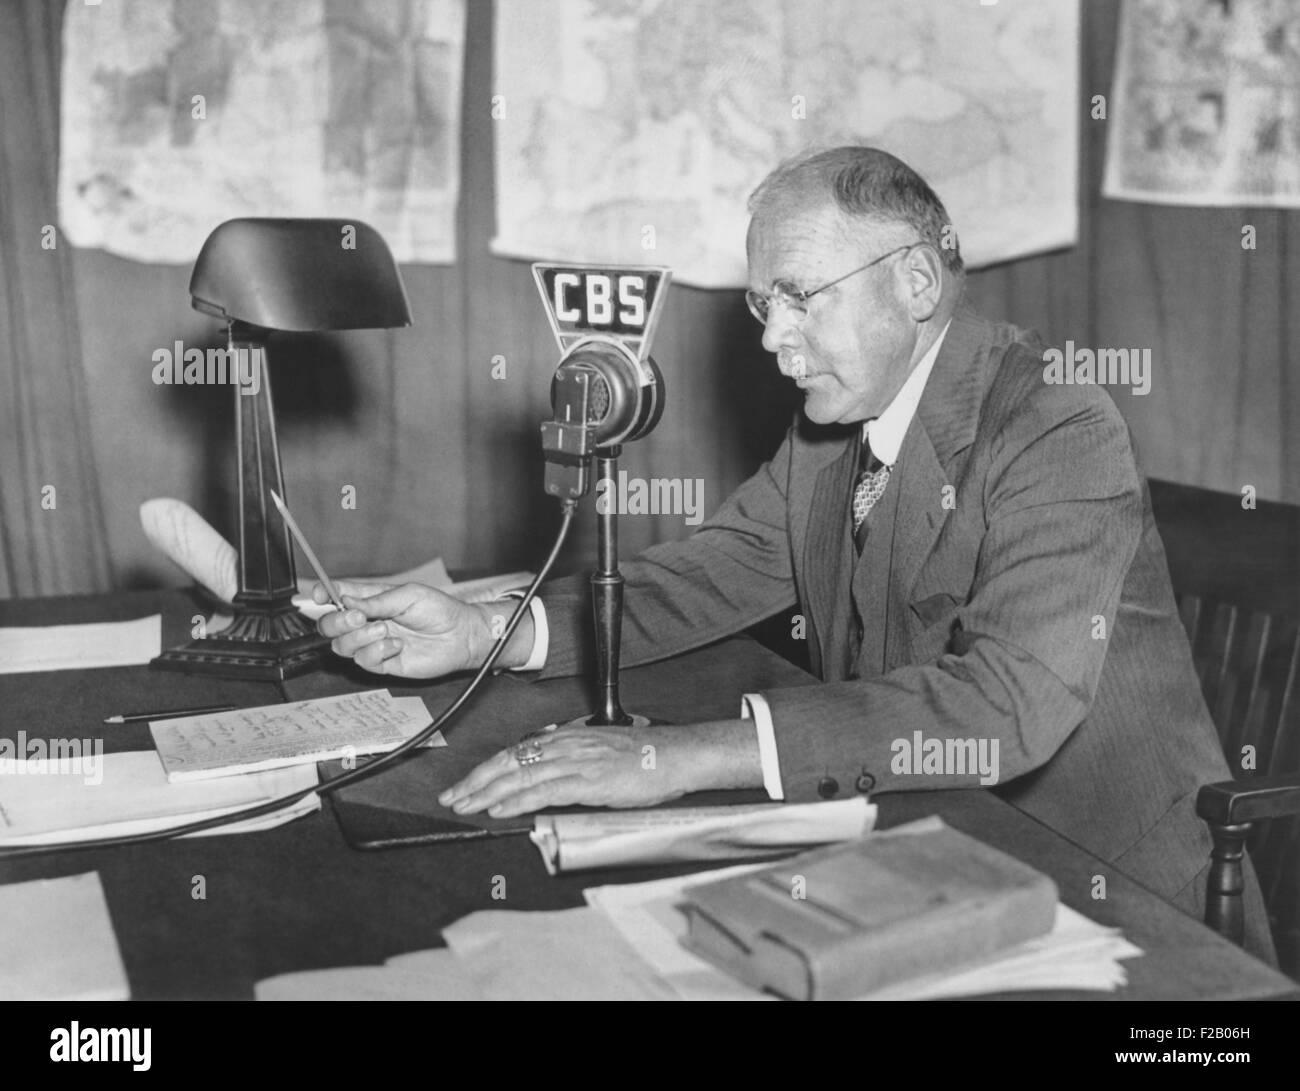 H.V Kaltenborn bei der CBS-Mikrofon, ca. 1938-1940 als Europa bewegte sich auf Krieg. Während der Krise von Stockbild